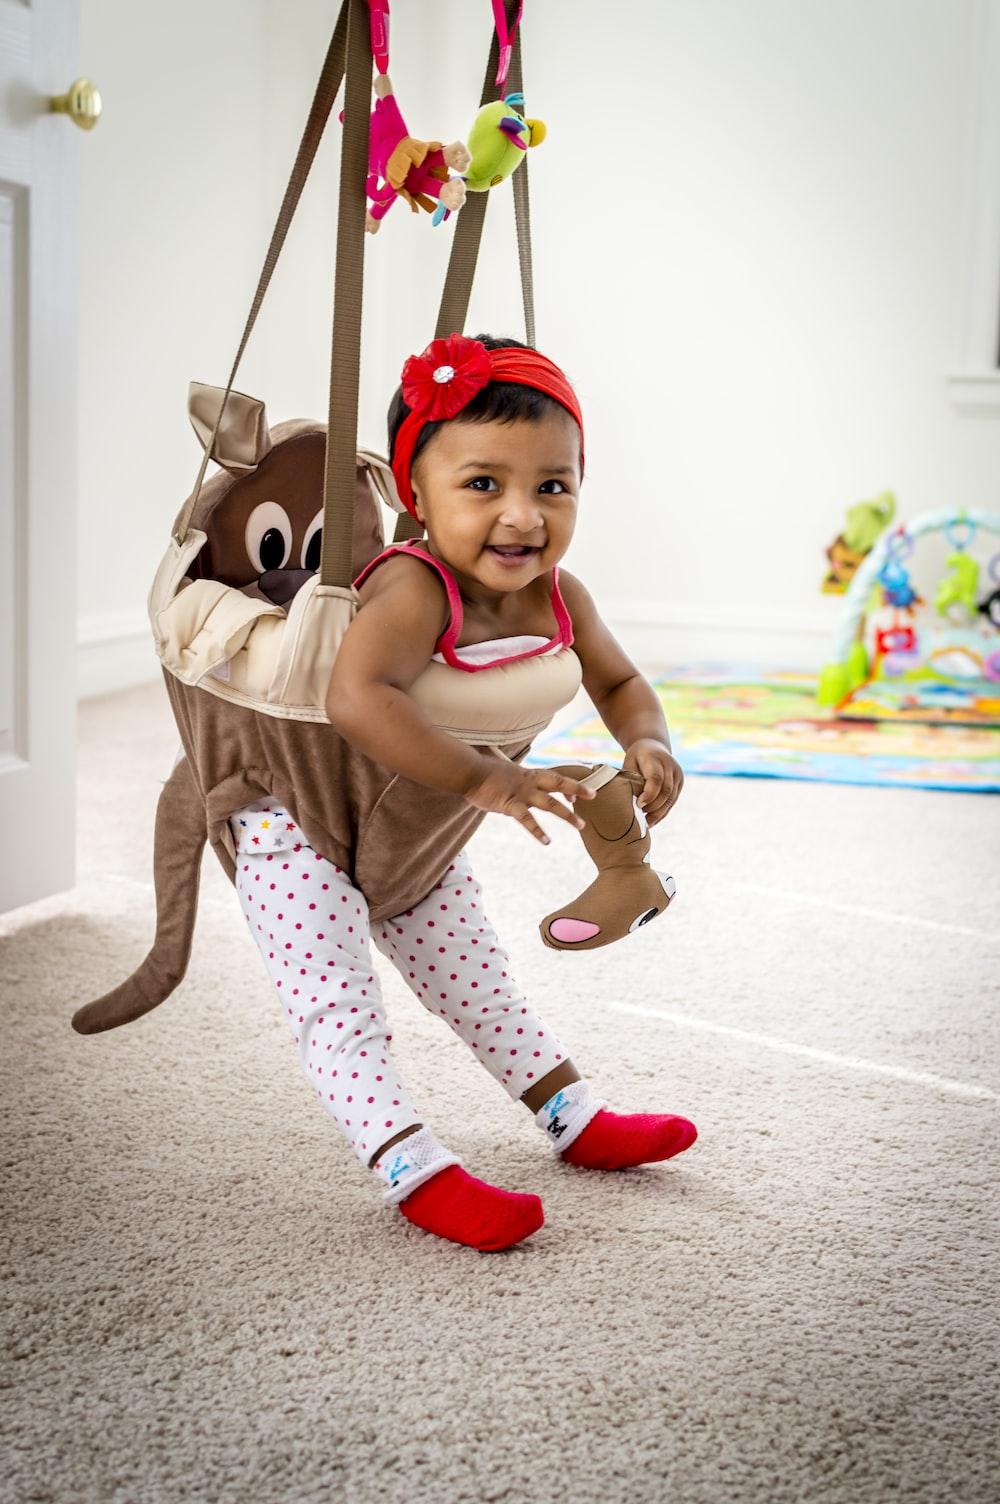 girl on hanging jumper smiling